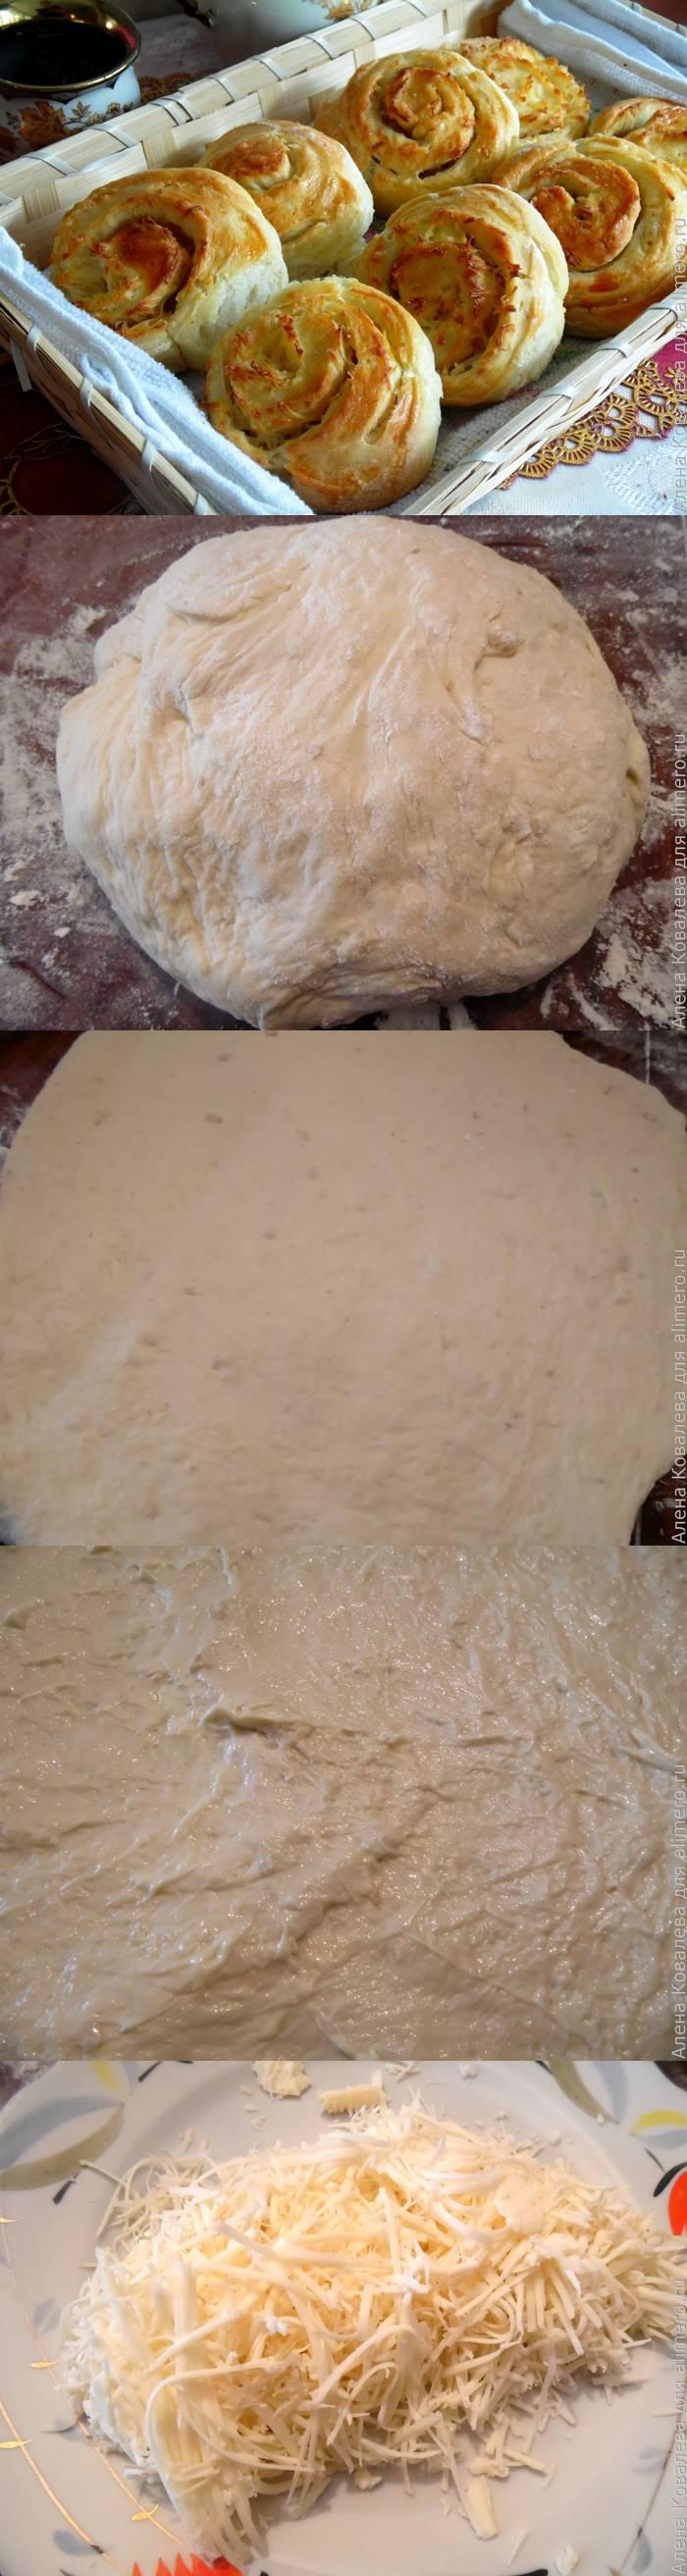 Сырные булочки на дрожжевом тесте